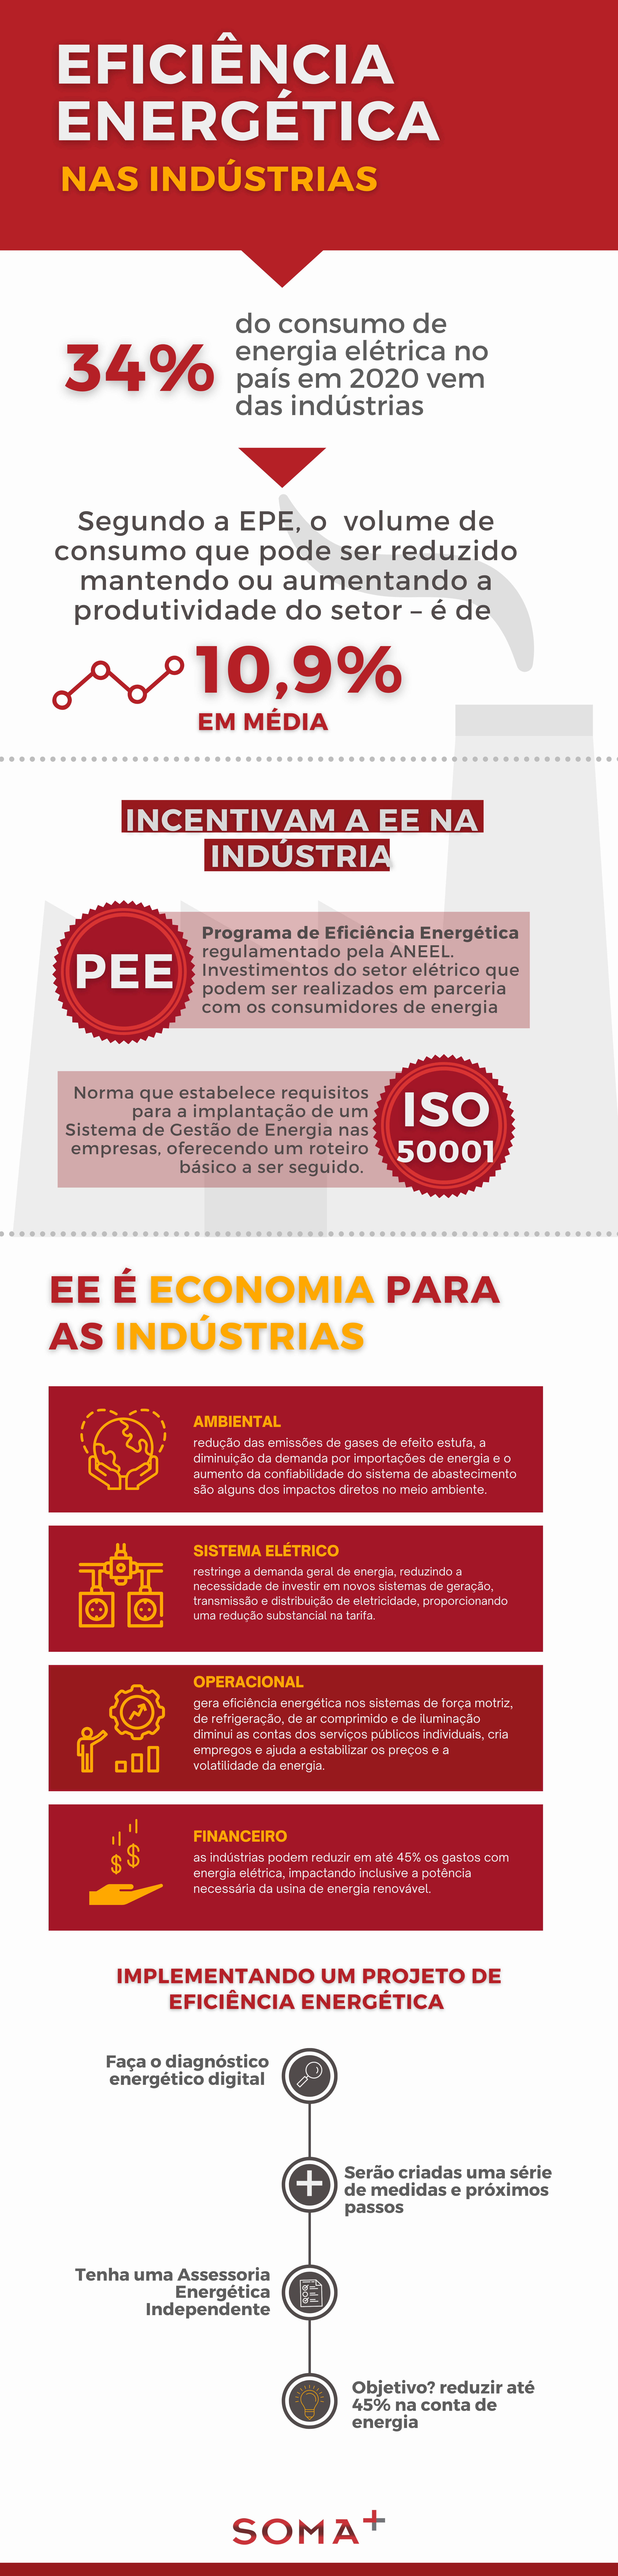 Eficiência Energética nas Indústrias